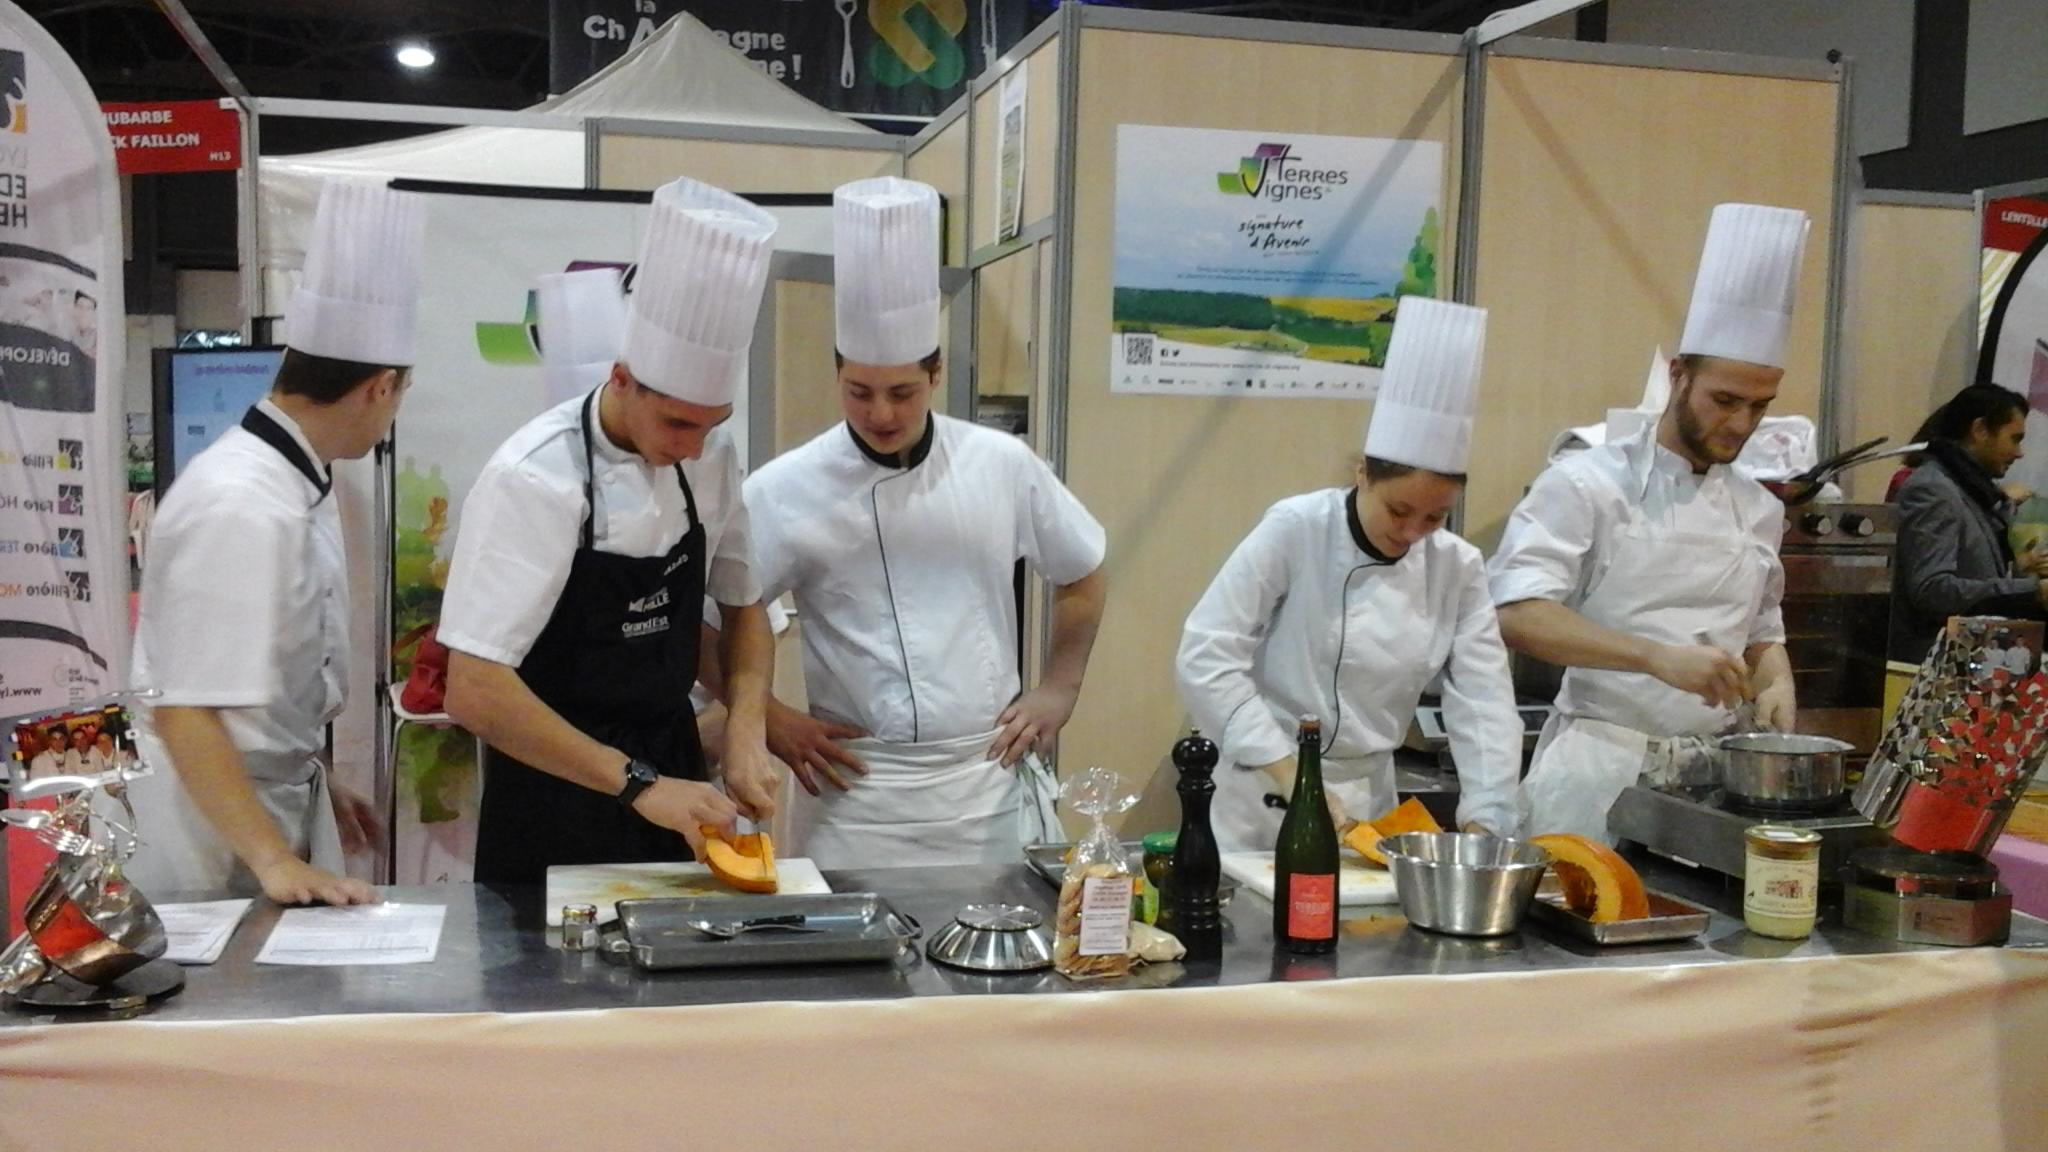 Salon de la gastronomie de troyes lyc e edouard herriot for Salon gastronomie troyes